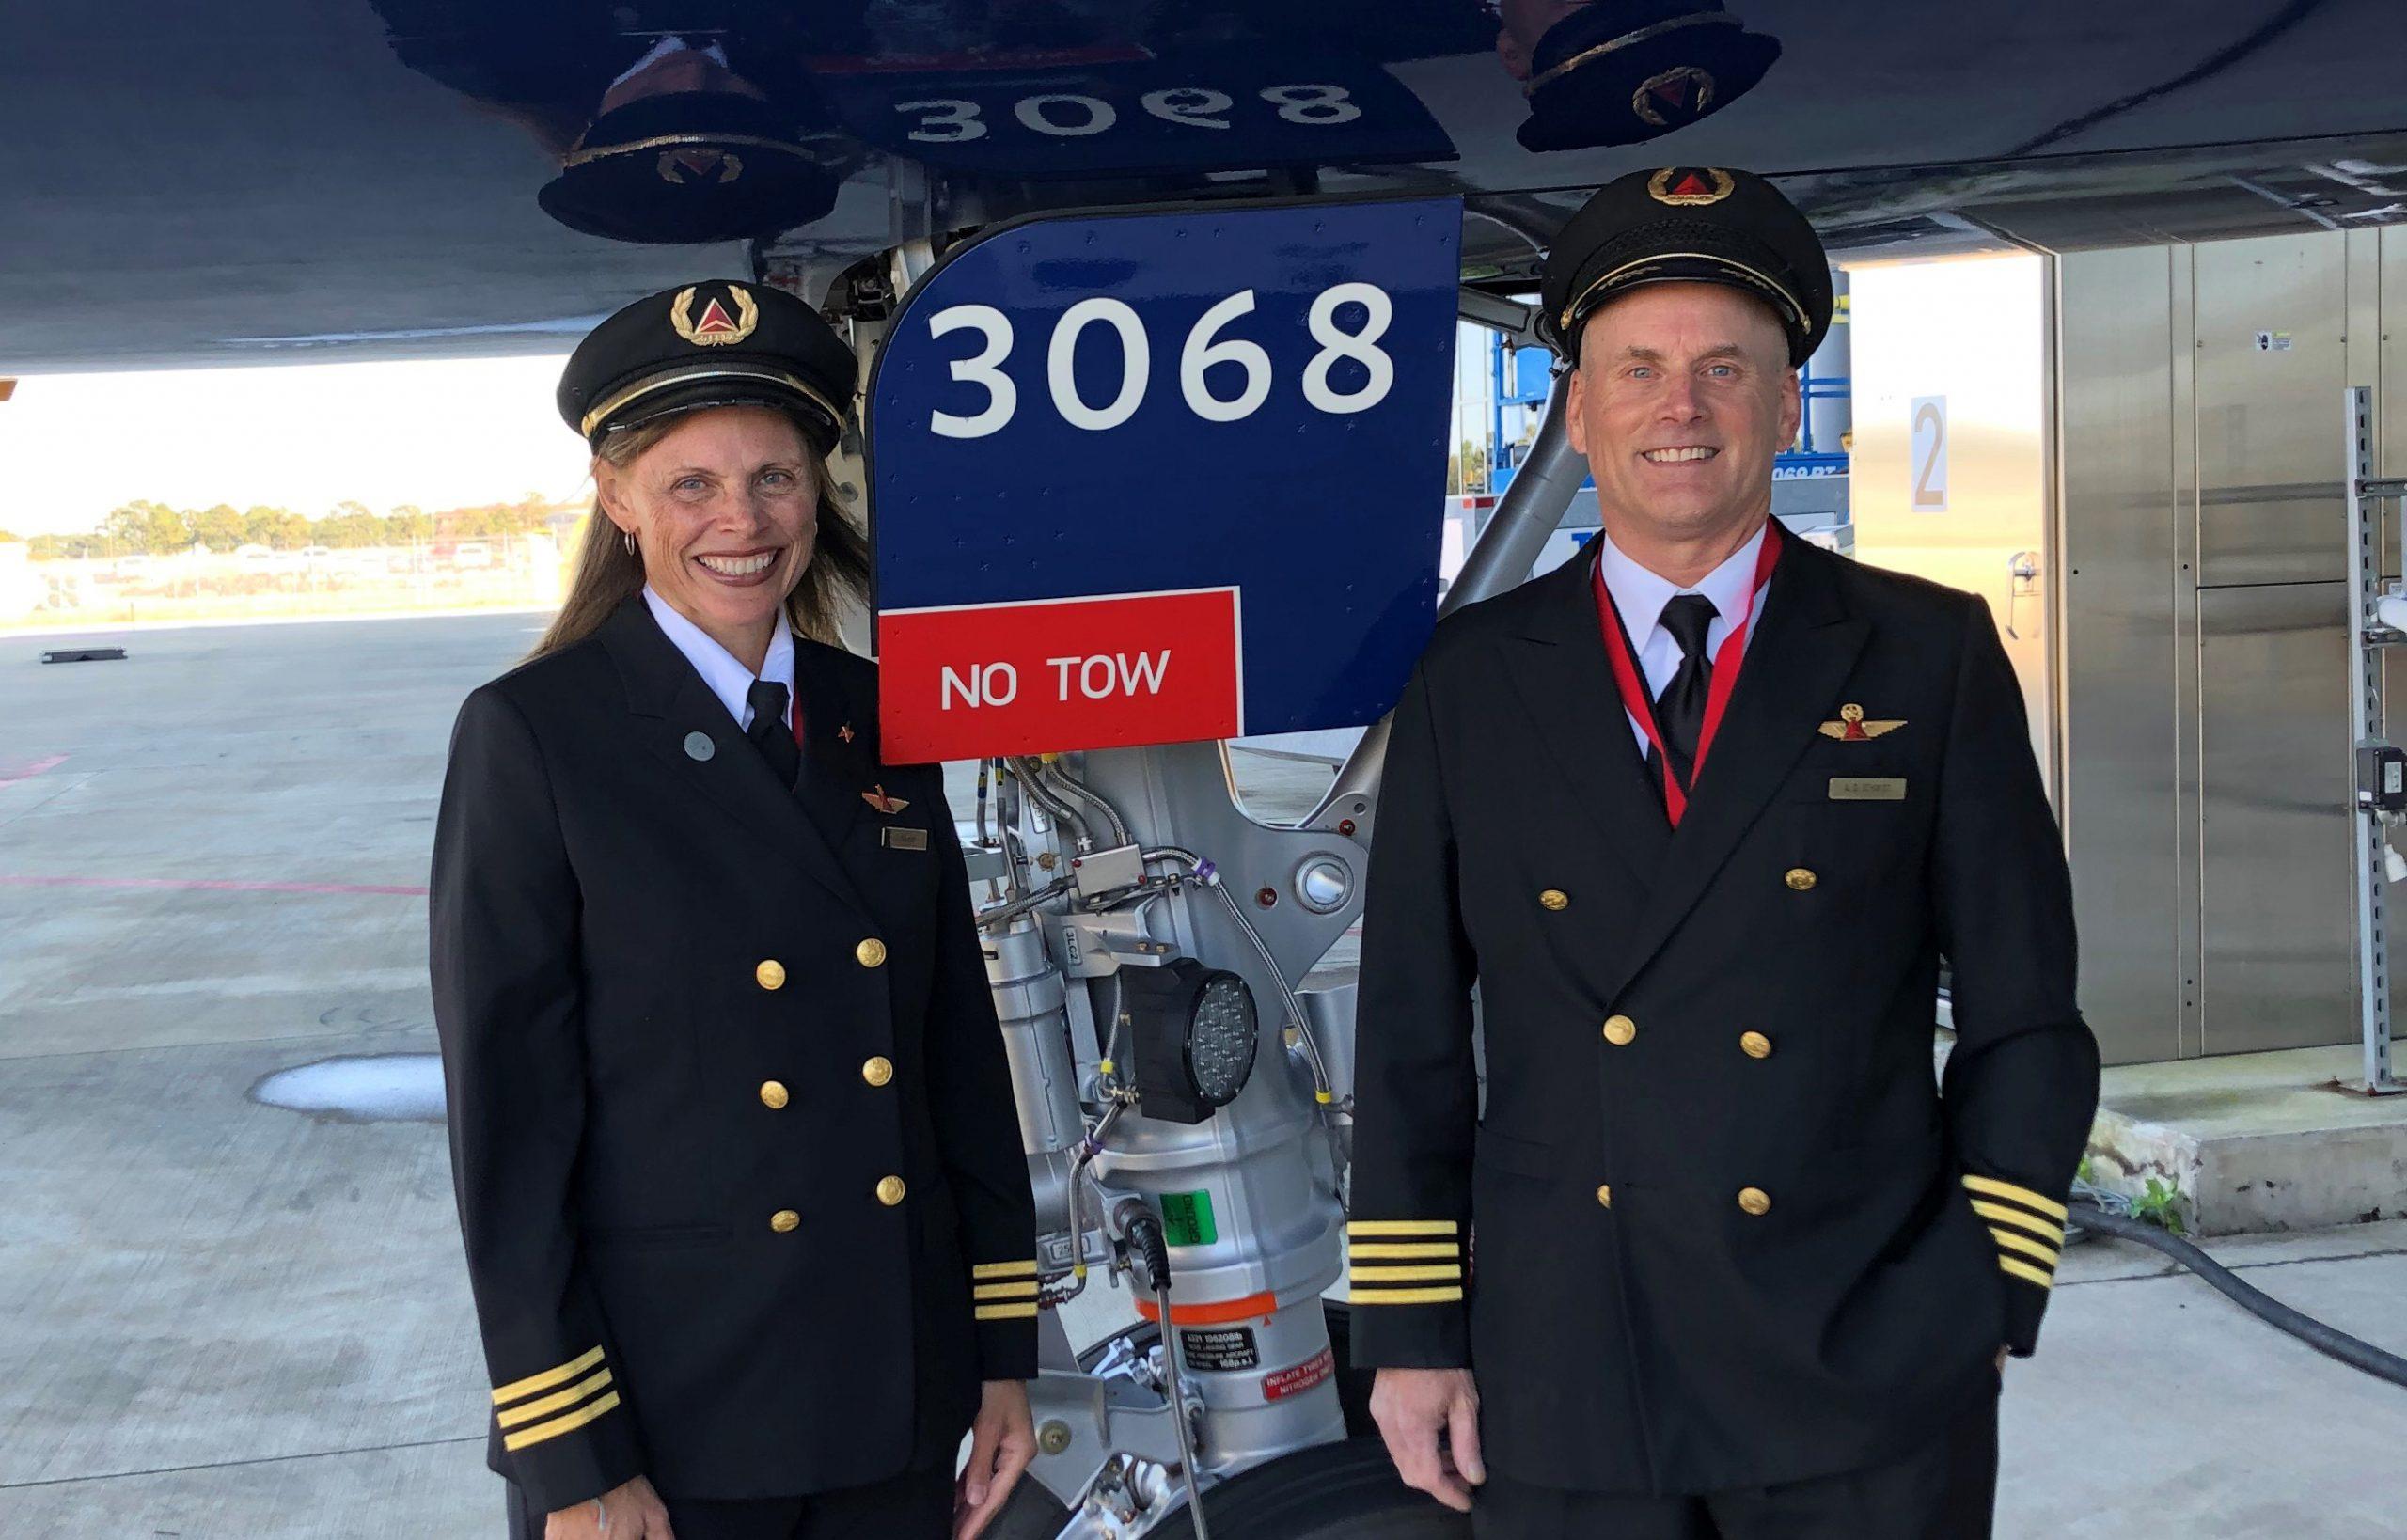 De to piloter har ikke noget med den aktuelle sag at gøre. Foto: Delta Air Lines